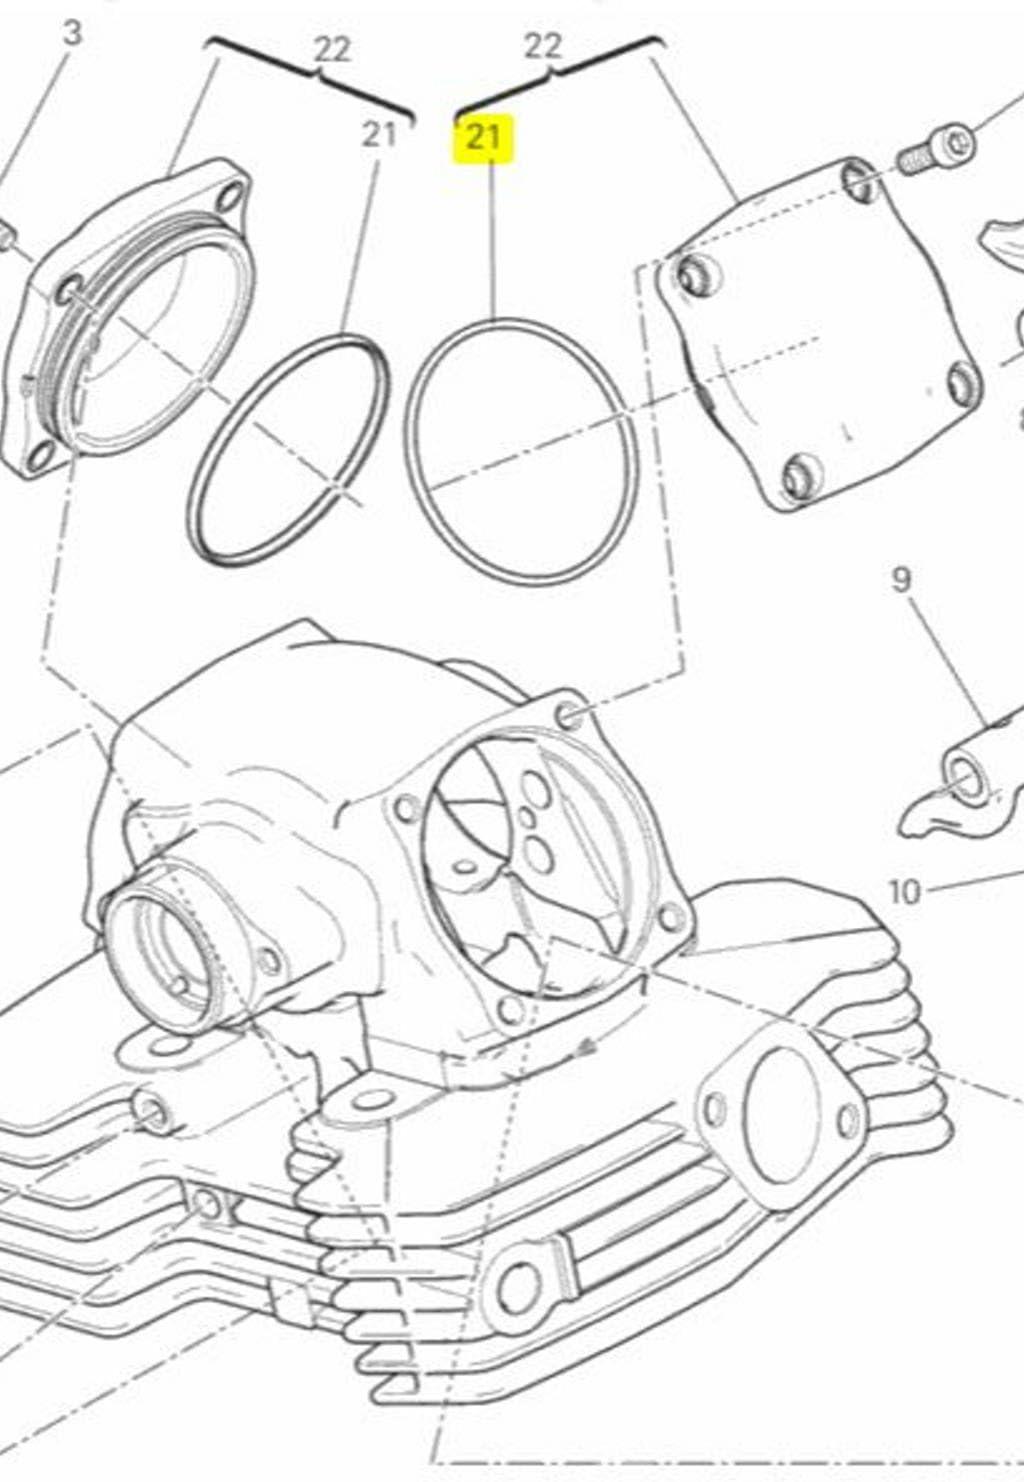 ducati engine diagrams amazon com ducati oem replacement valve cover o ring gasket  ducati oem replacement valve cover o